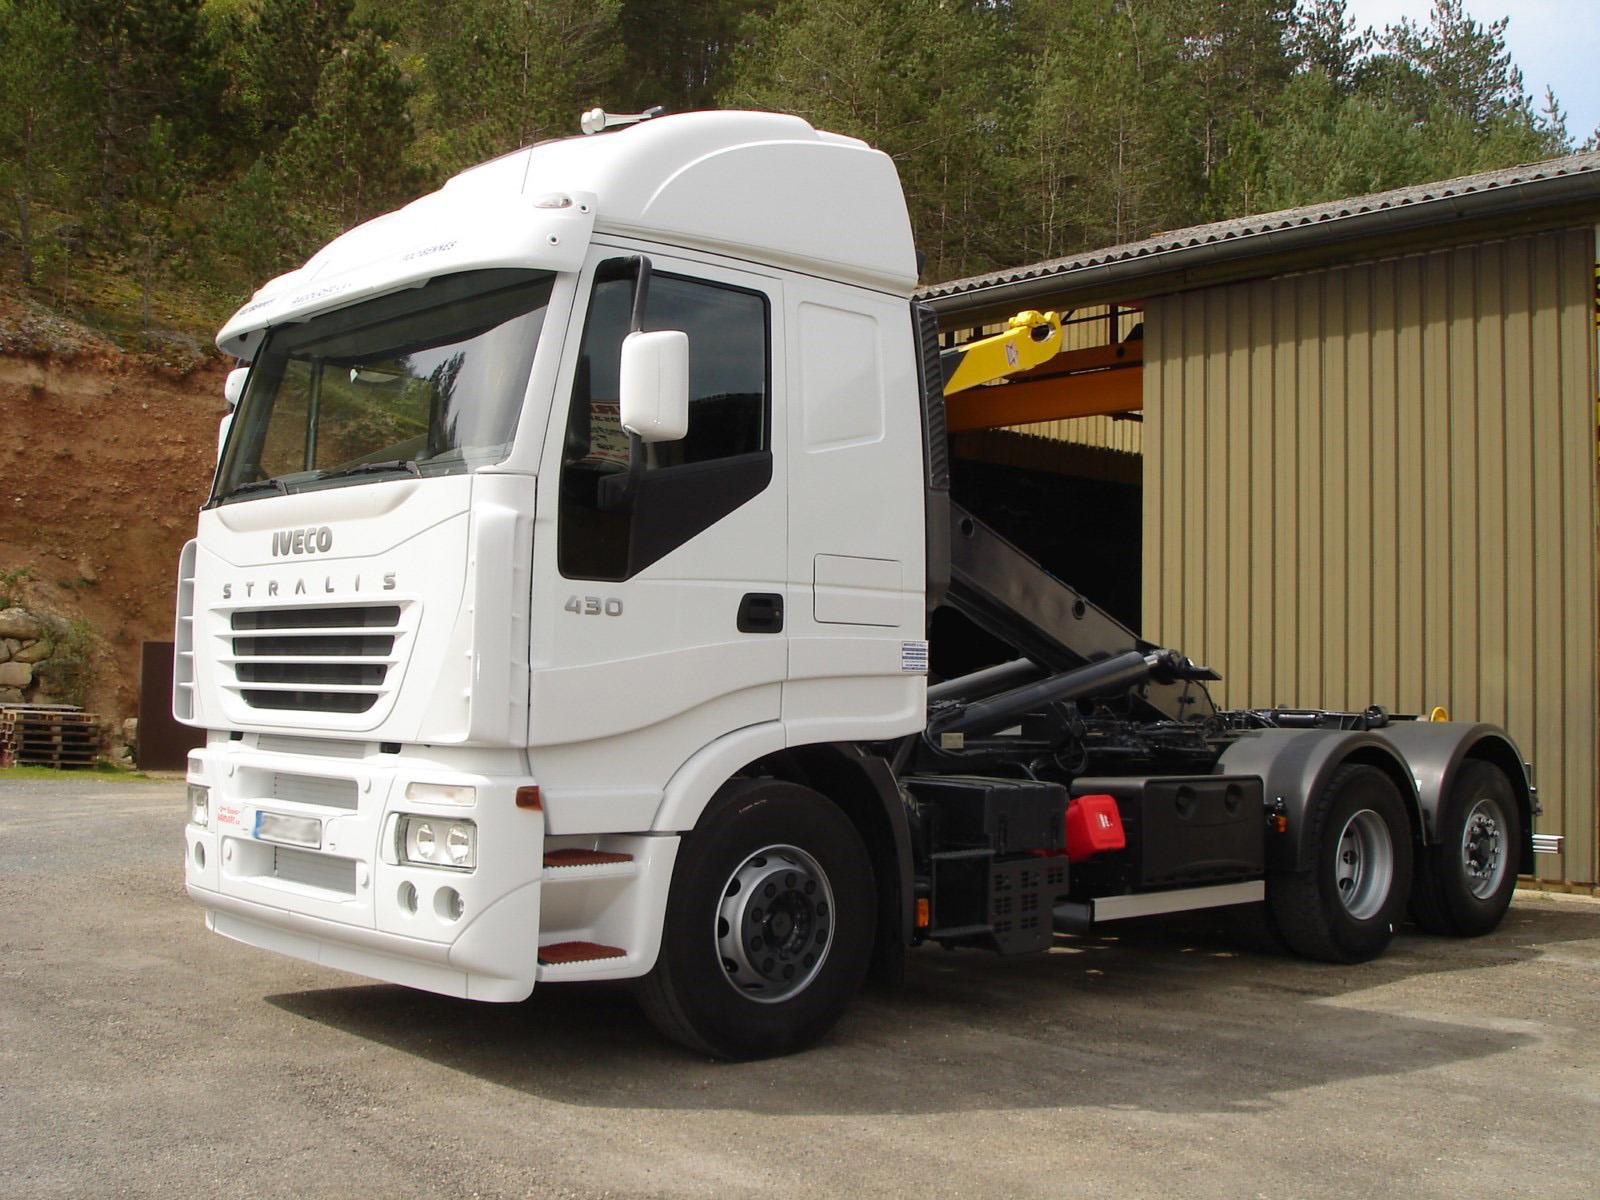 vehicule-poids-lourds-6x2